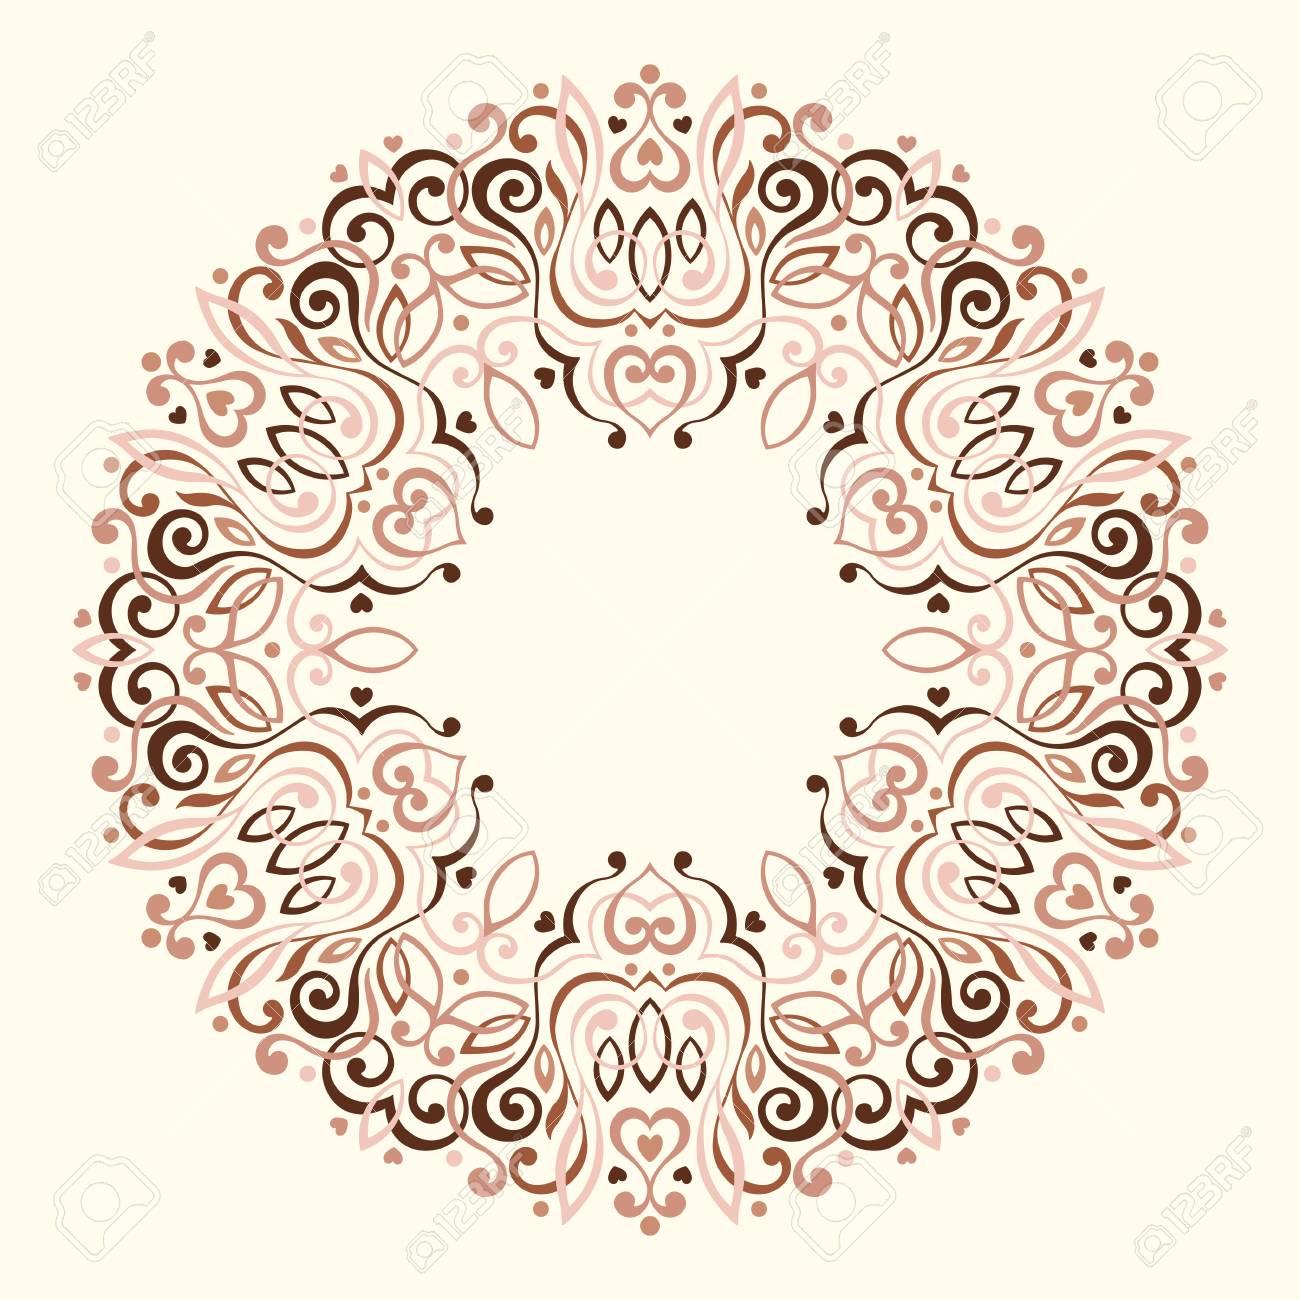 Mandala Abstracta Adornada. Marco Decorativo Para El Diseño ...